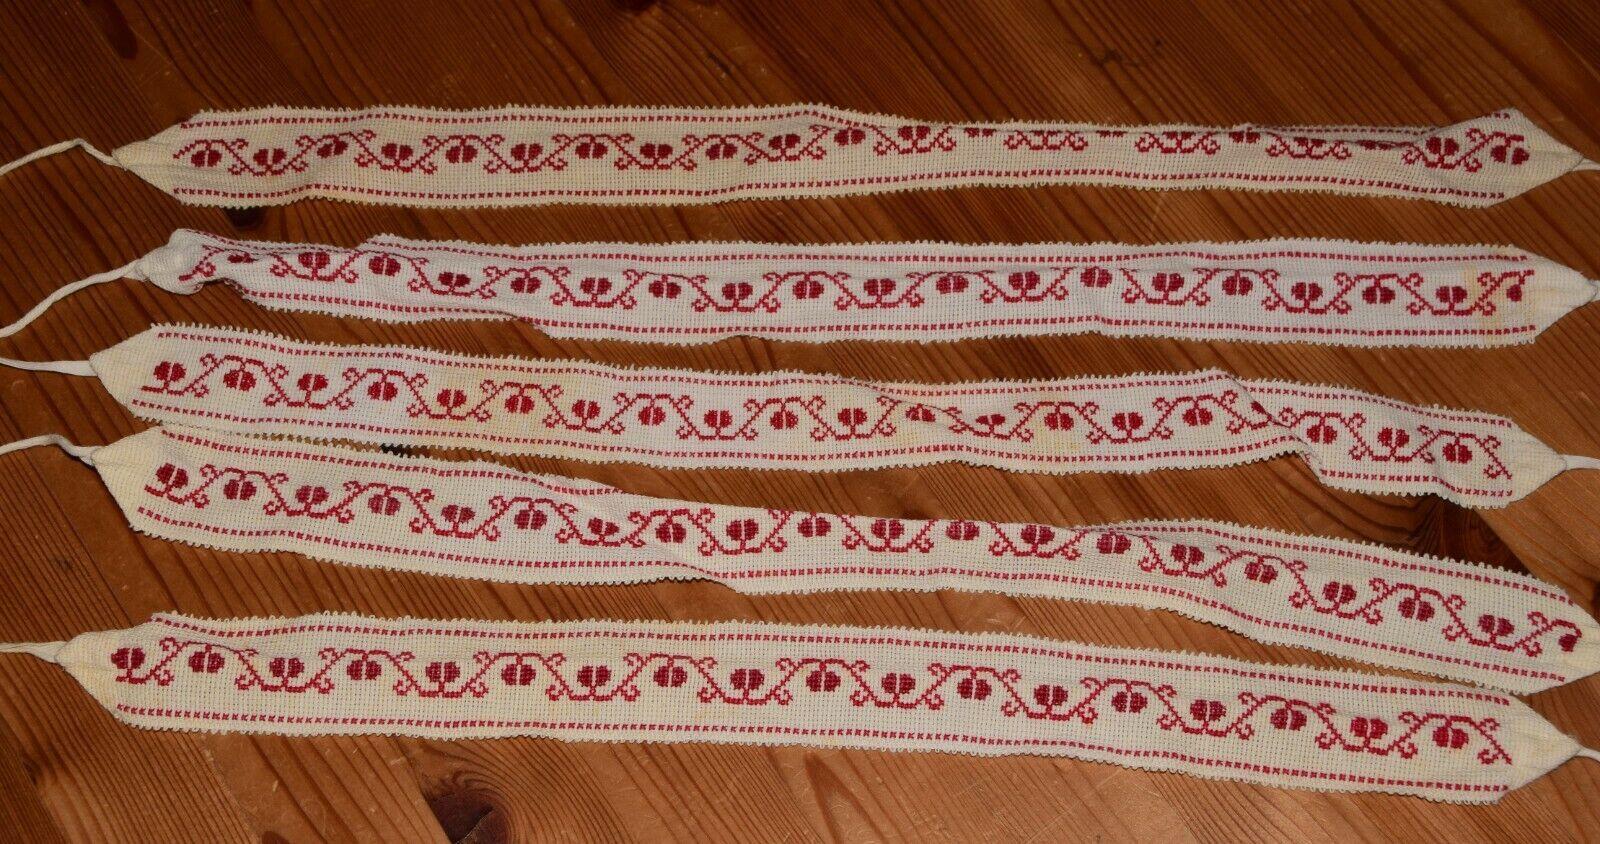 5 Antike alte Wäschebänder Bänder Band handbestickt rote Stickerei (6951)